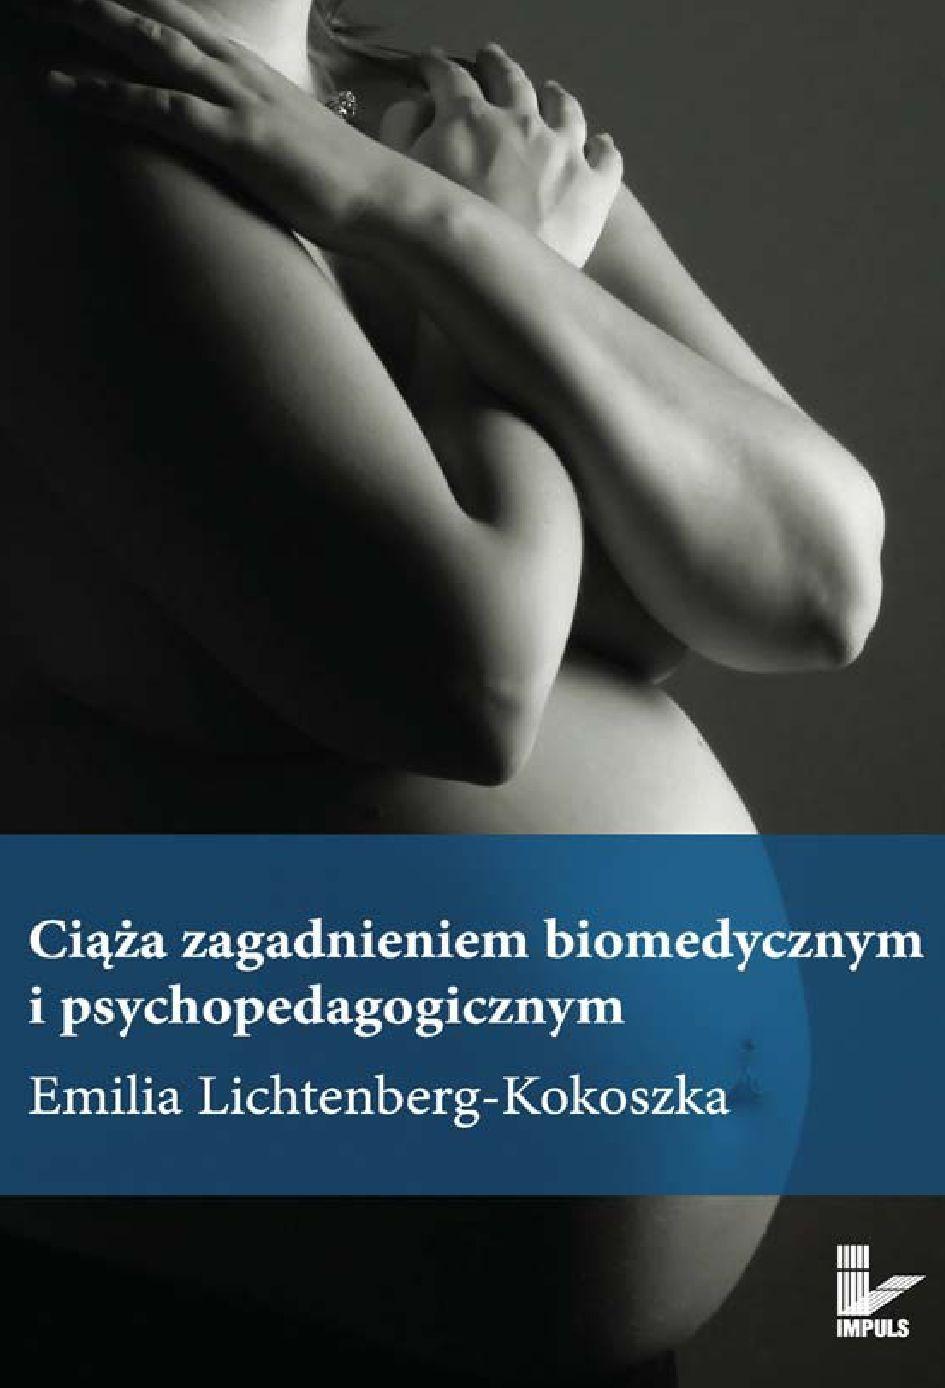 Ciąża zagadnieniem biomedycznym i psychopedagogicznym - Ebook (Książka na Kindle) do pobrania w formacie MOBI